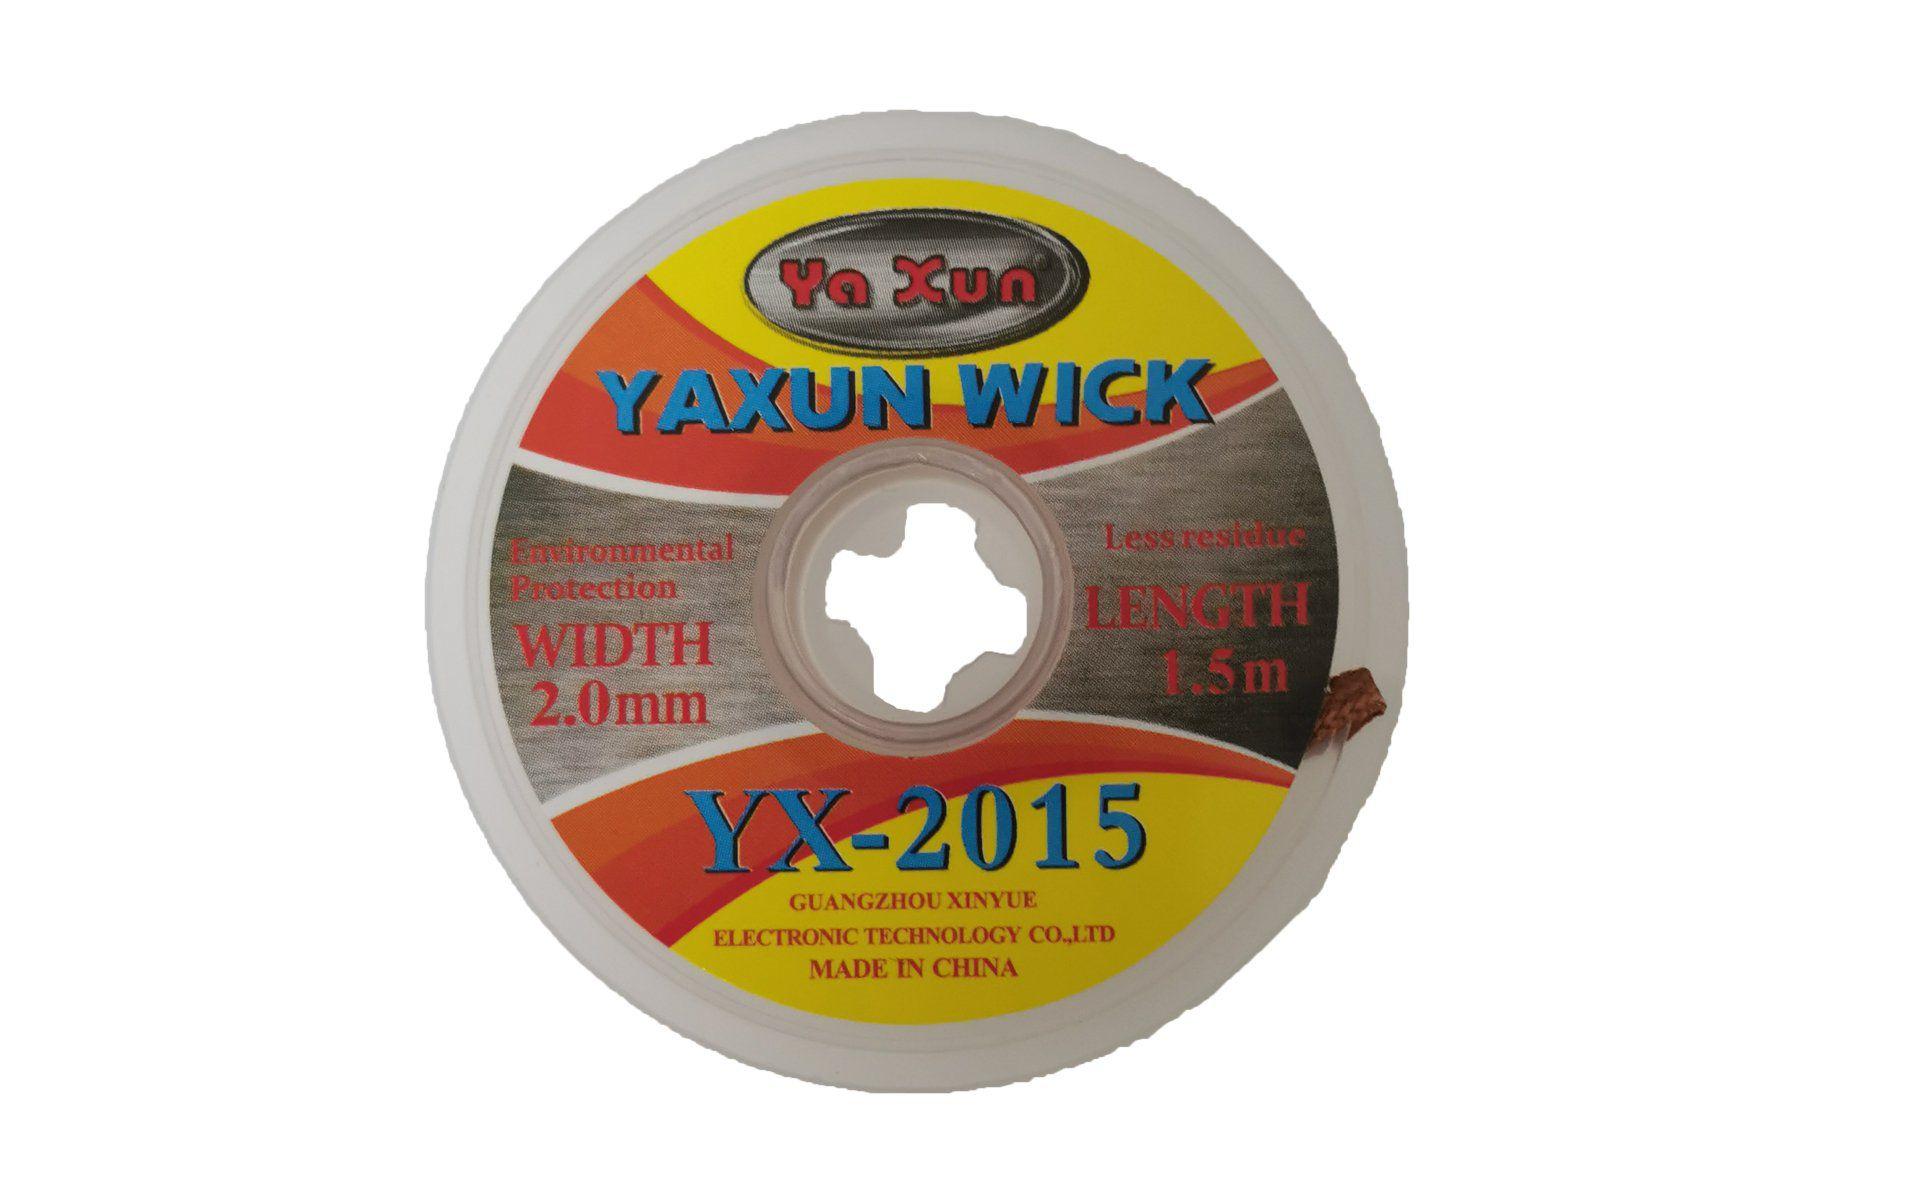 Malha Dessoldadora Yaxun 2.0mm X 1.5m Yx-2015